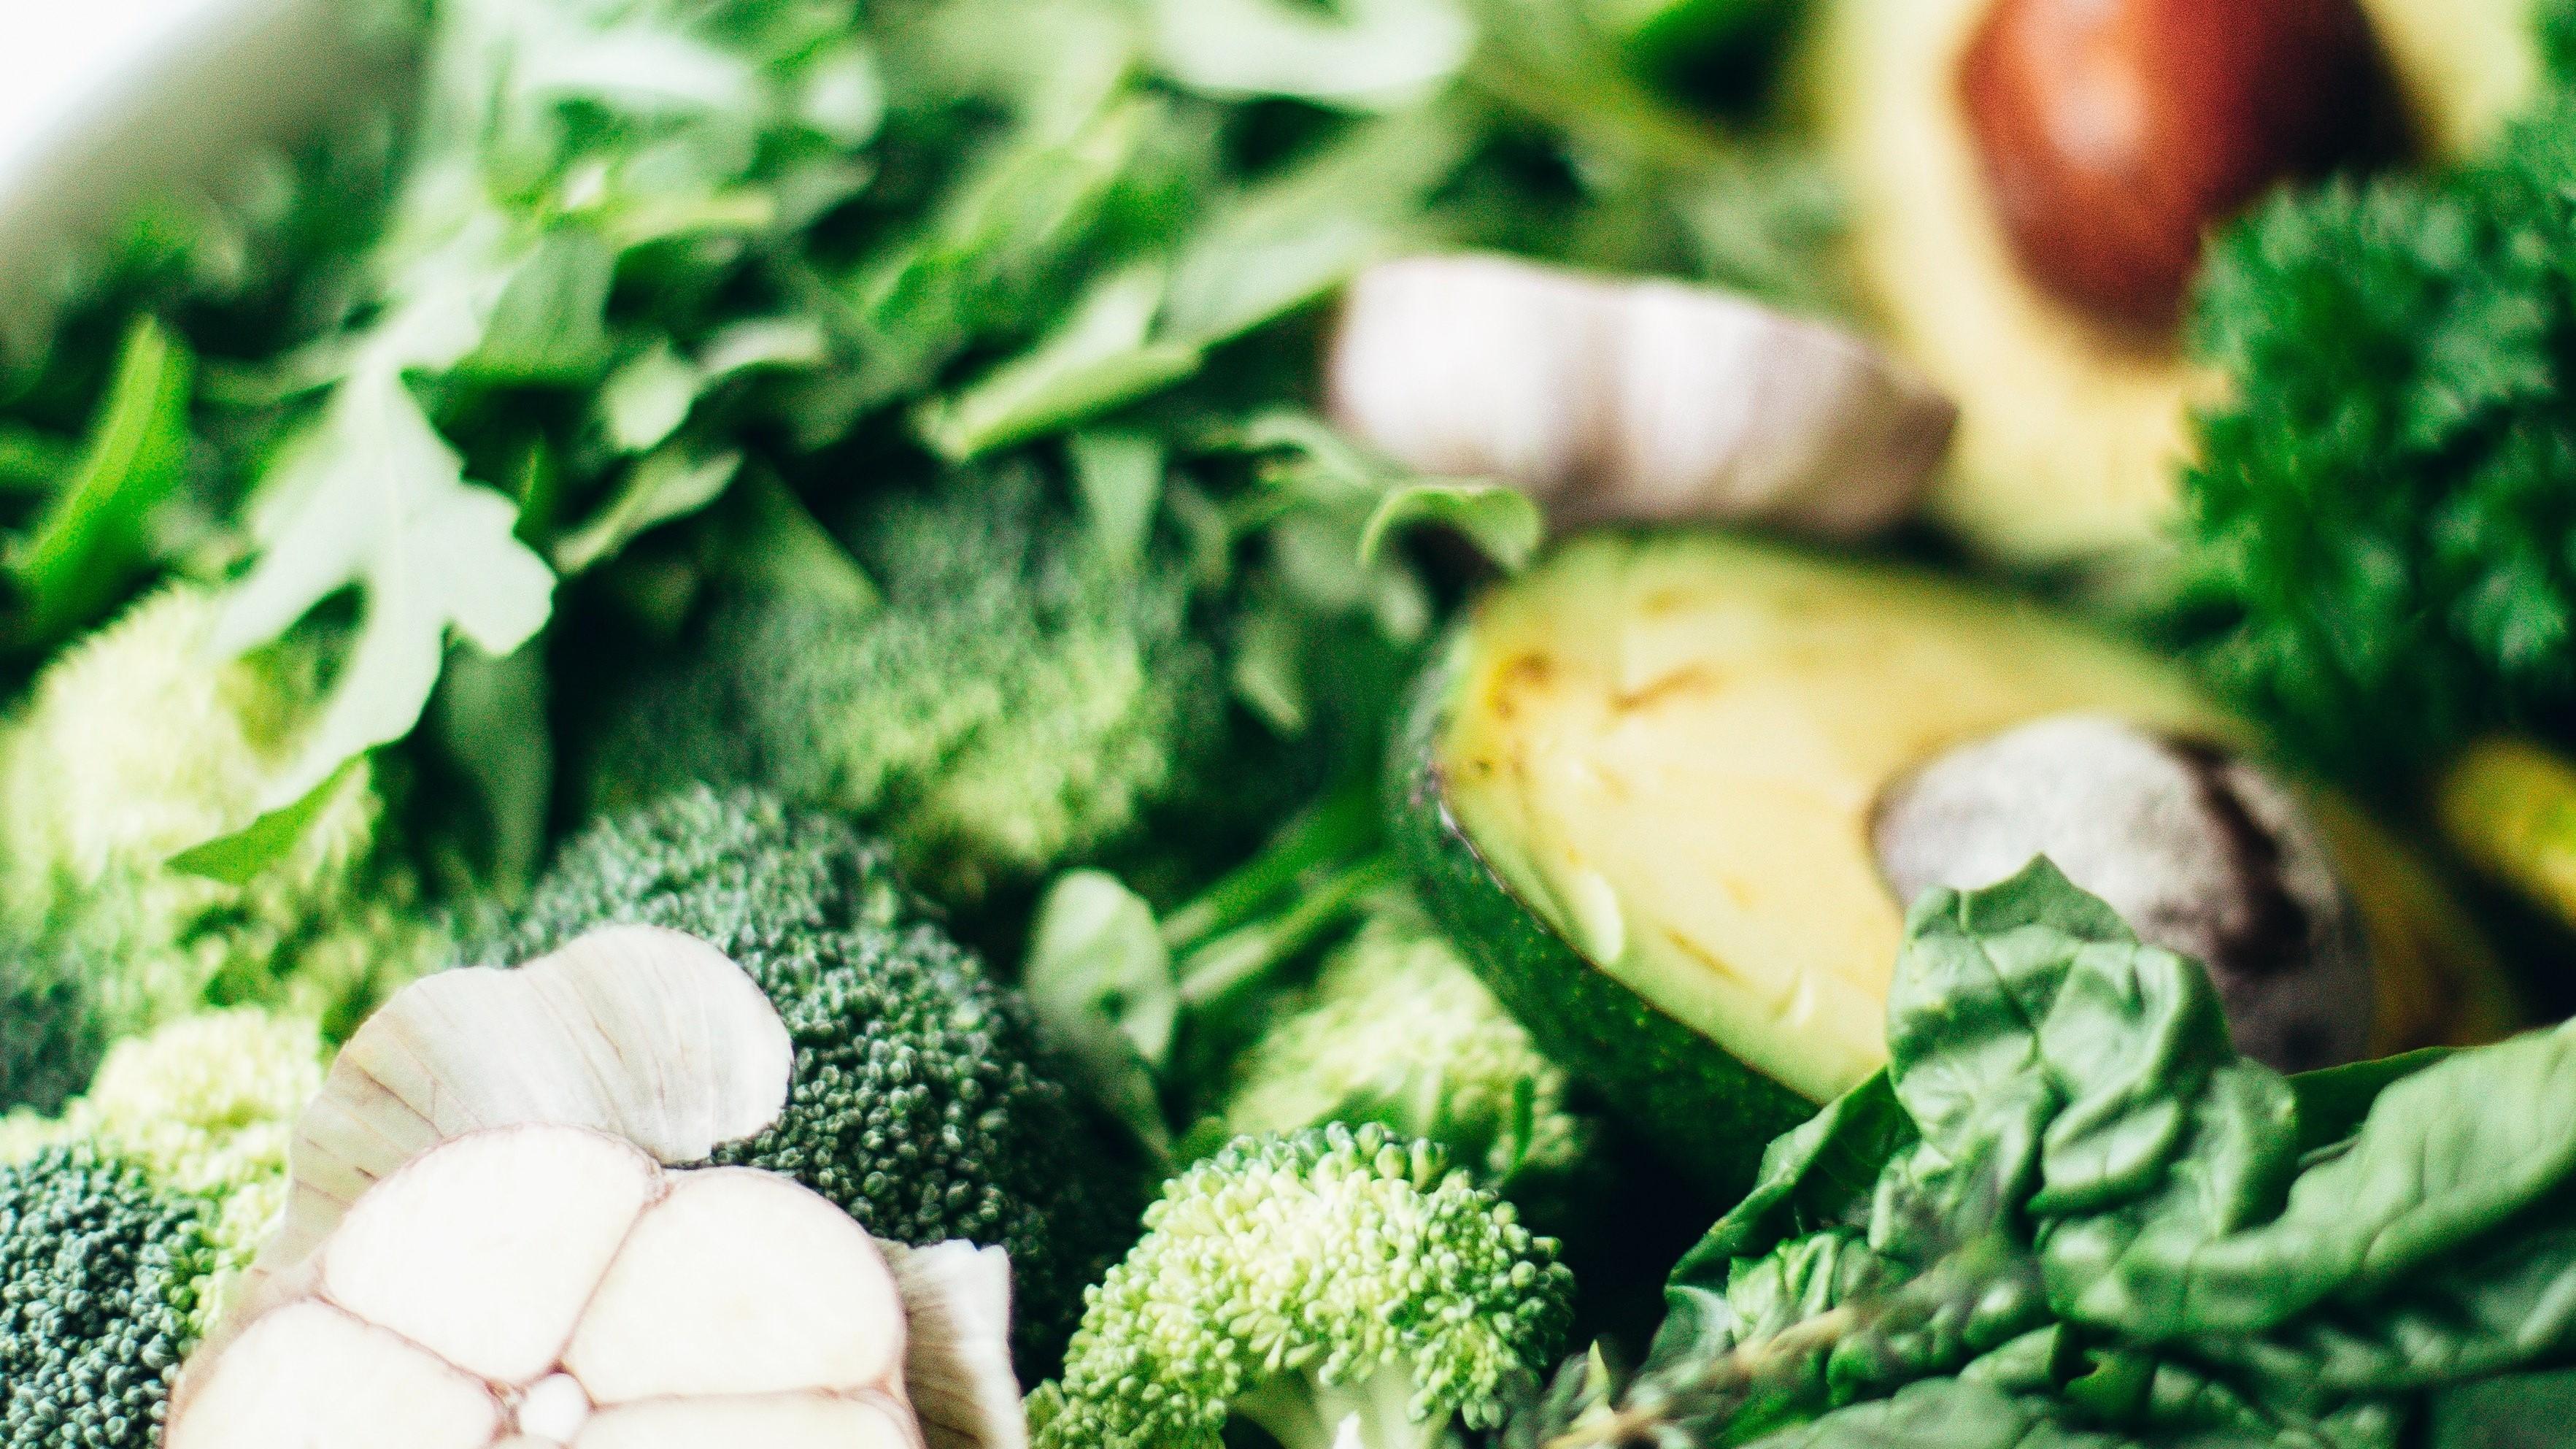 Eine gesunde Ernährung ist genauso wichtig wie Sport, um Bauchfett loszuwerden. Gesunde Fette spielen dabei eine große Rolle - etwa in Form von Avocados.